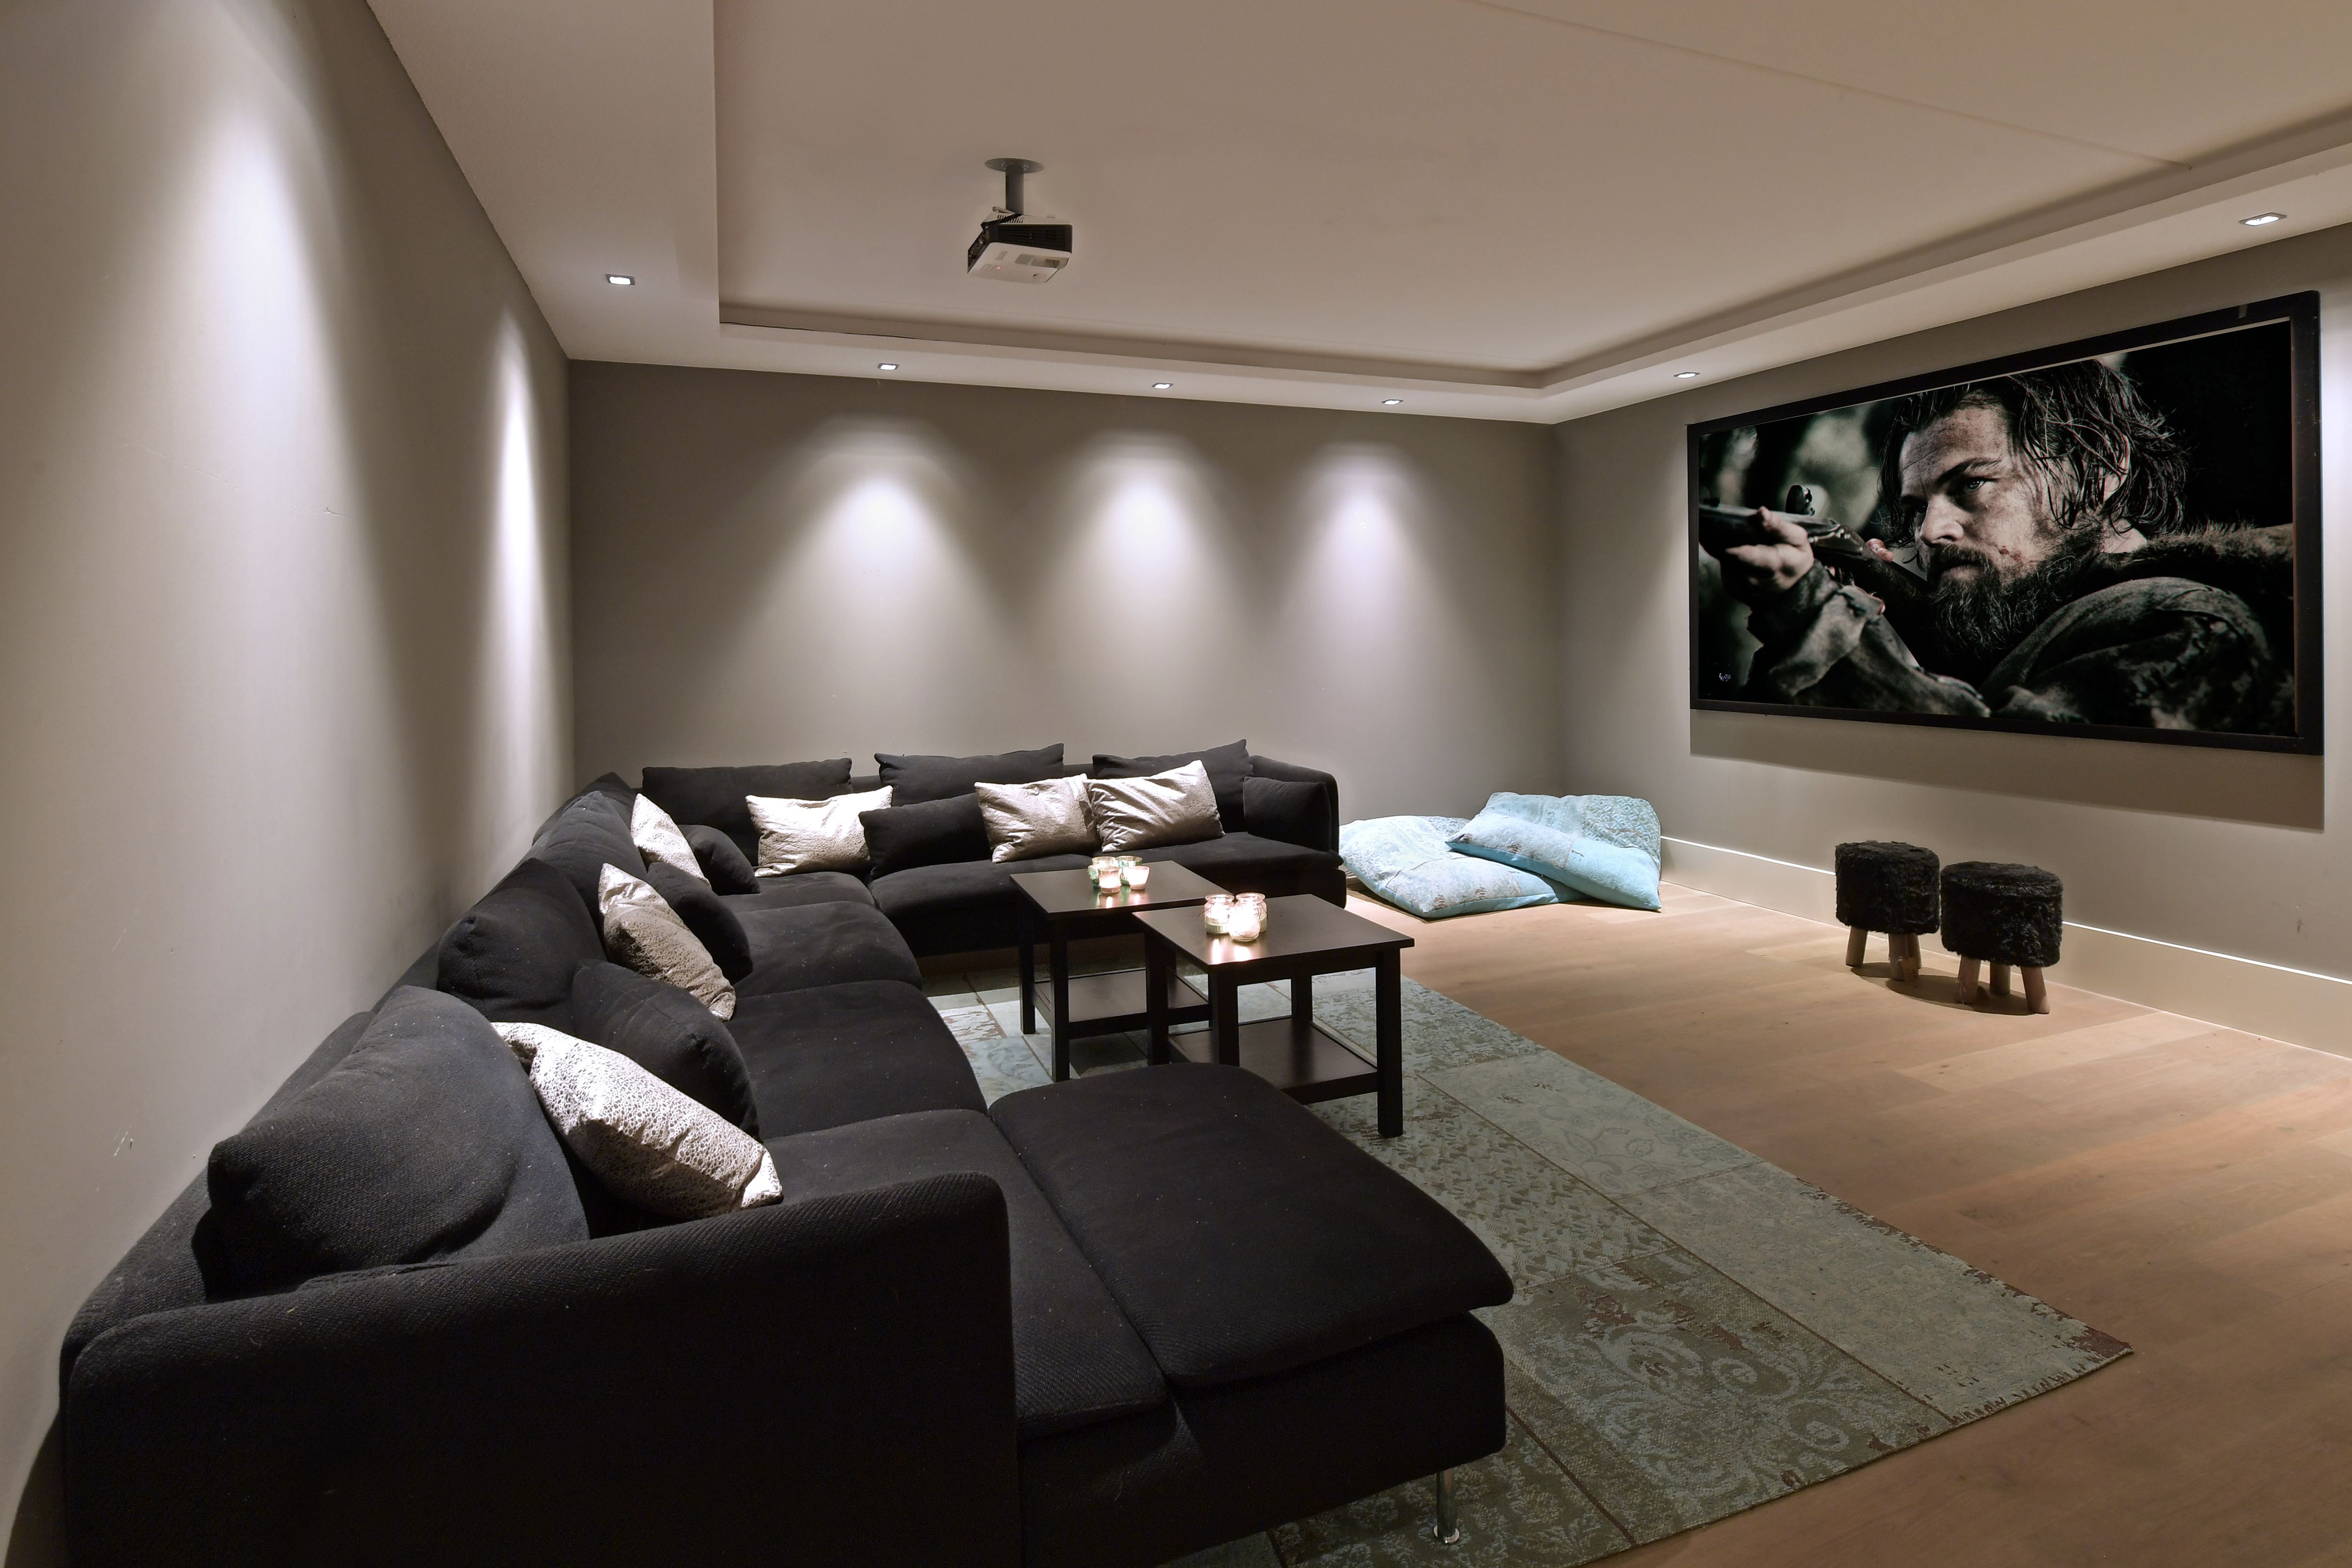 Home cinema via de met eikenhout beklede trap loop je naar het